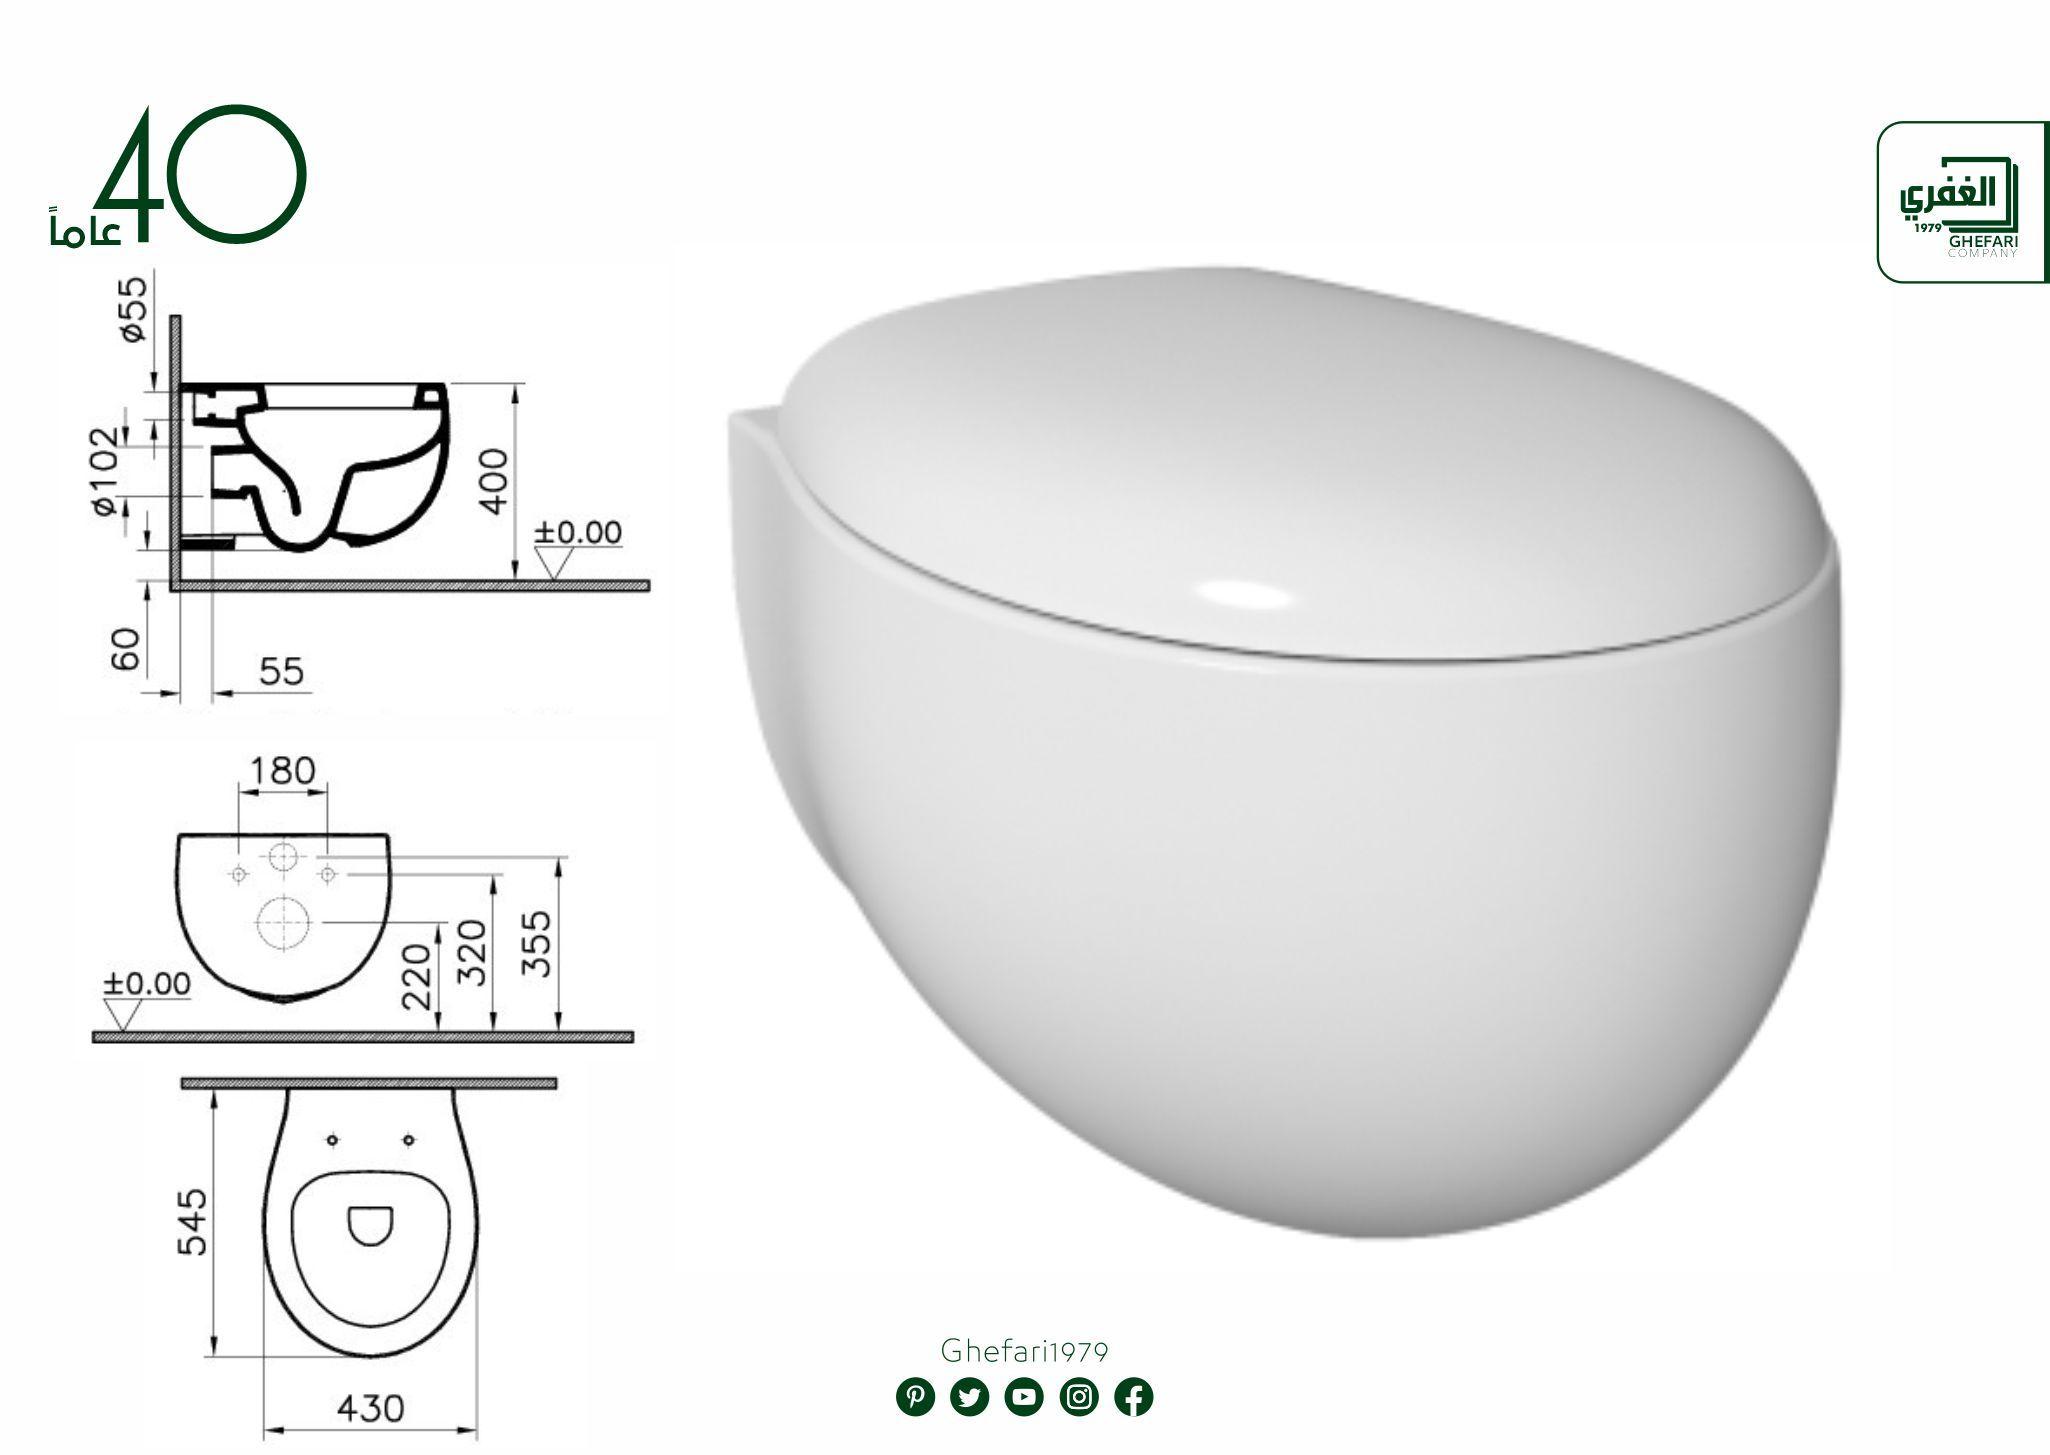 كرسي معلق من شركة Vitra التركية تصميم حديث سهولة في التنظيف افضل في توزيع المياه غطاء هيدروليك يحافظ علي نظافة حاصل Vitra Toilet Bathroom